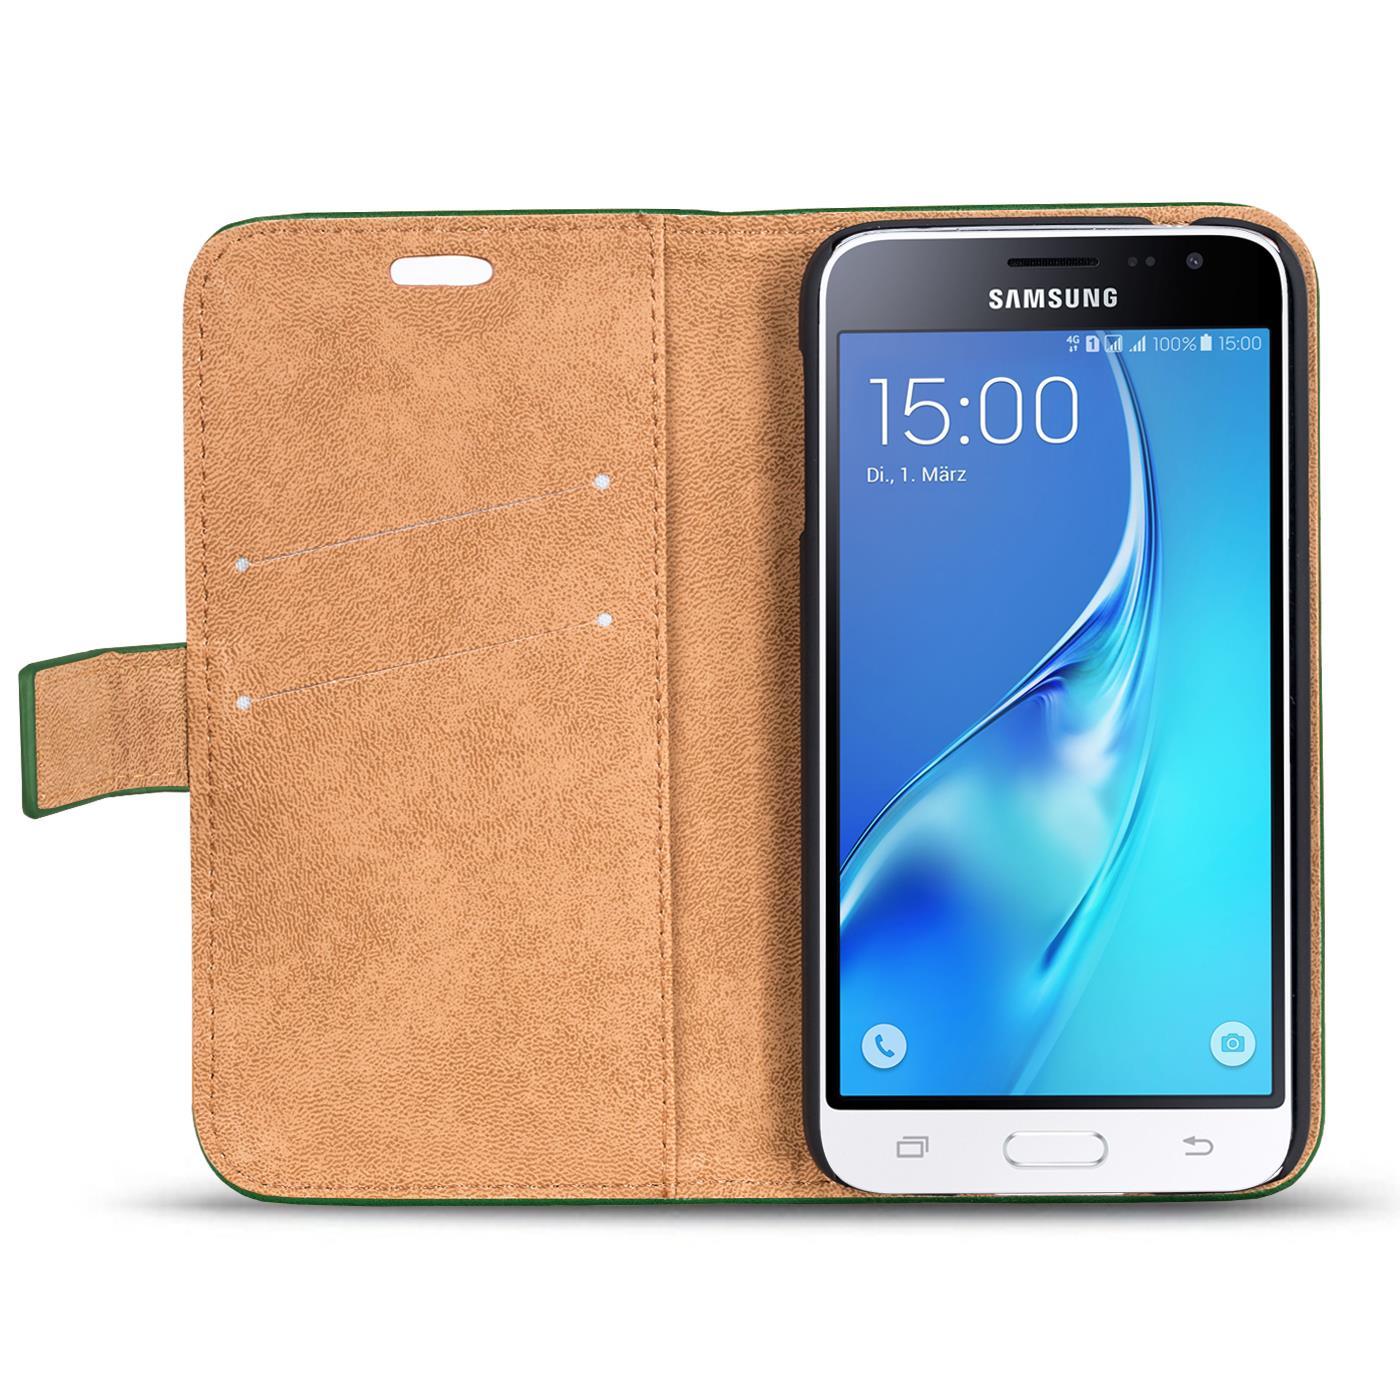 Handy-Tasche-Huelle-Samsung-Galaxy-J1-2016-Case-Klapphuelle-PU-Leder-Wallet-Cover Indexbild 4